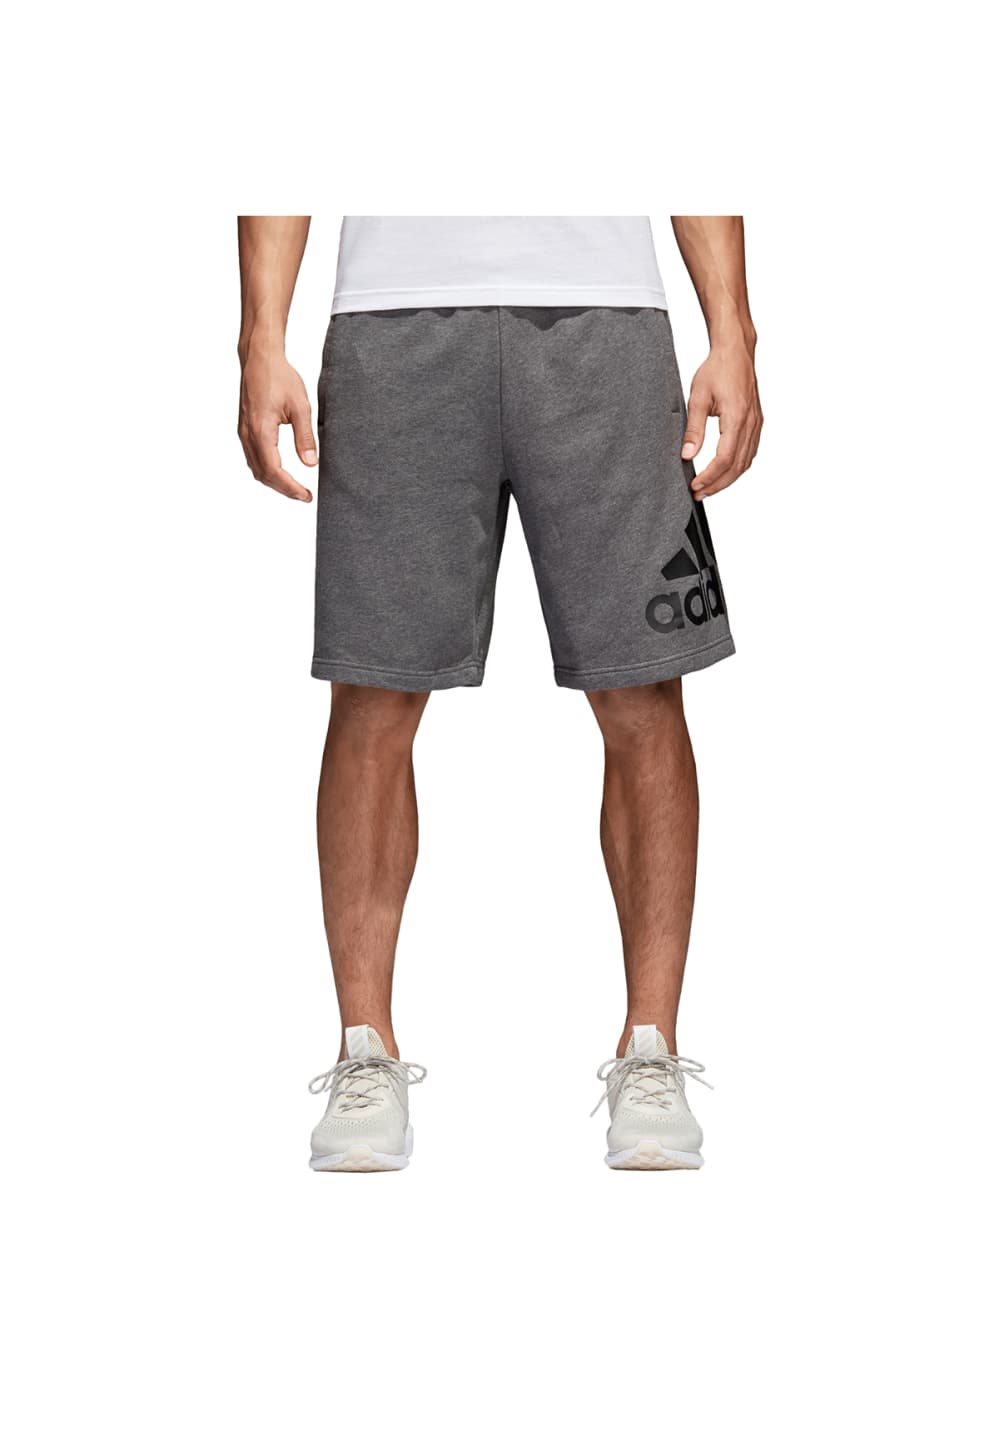 adidas Essentials Chelsea Shorts - Fitnesshosen für Herren - Grau